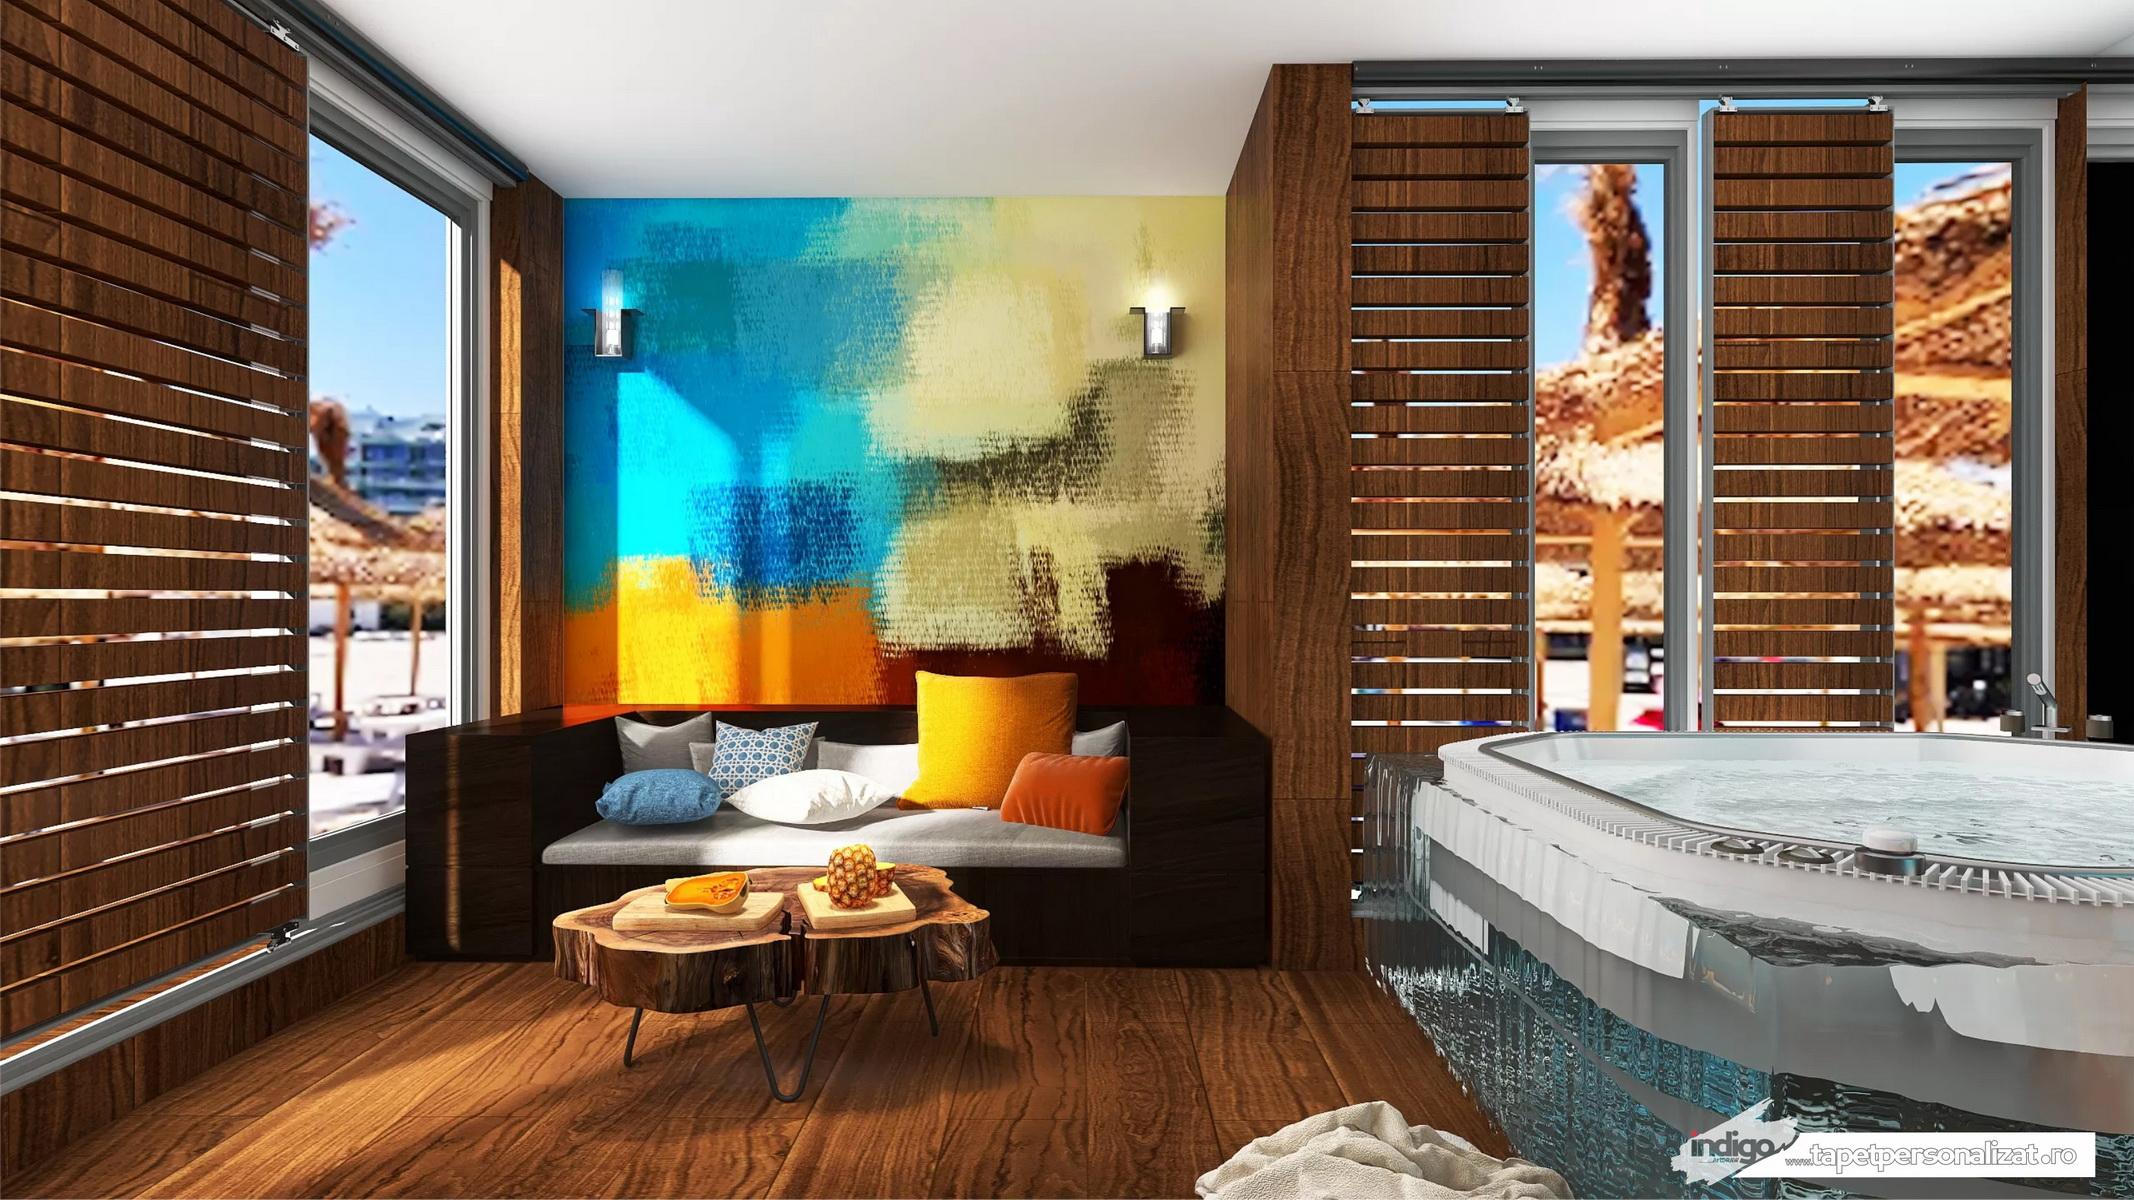 Model Tapet – Abstract amestec de culori